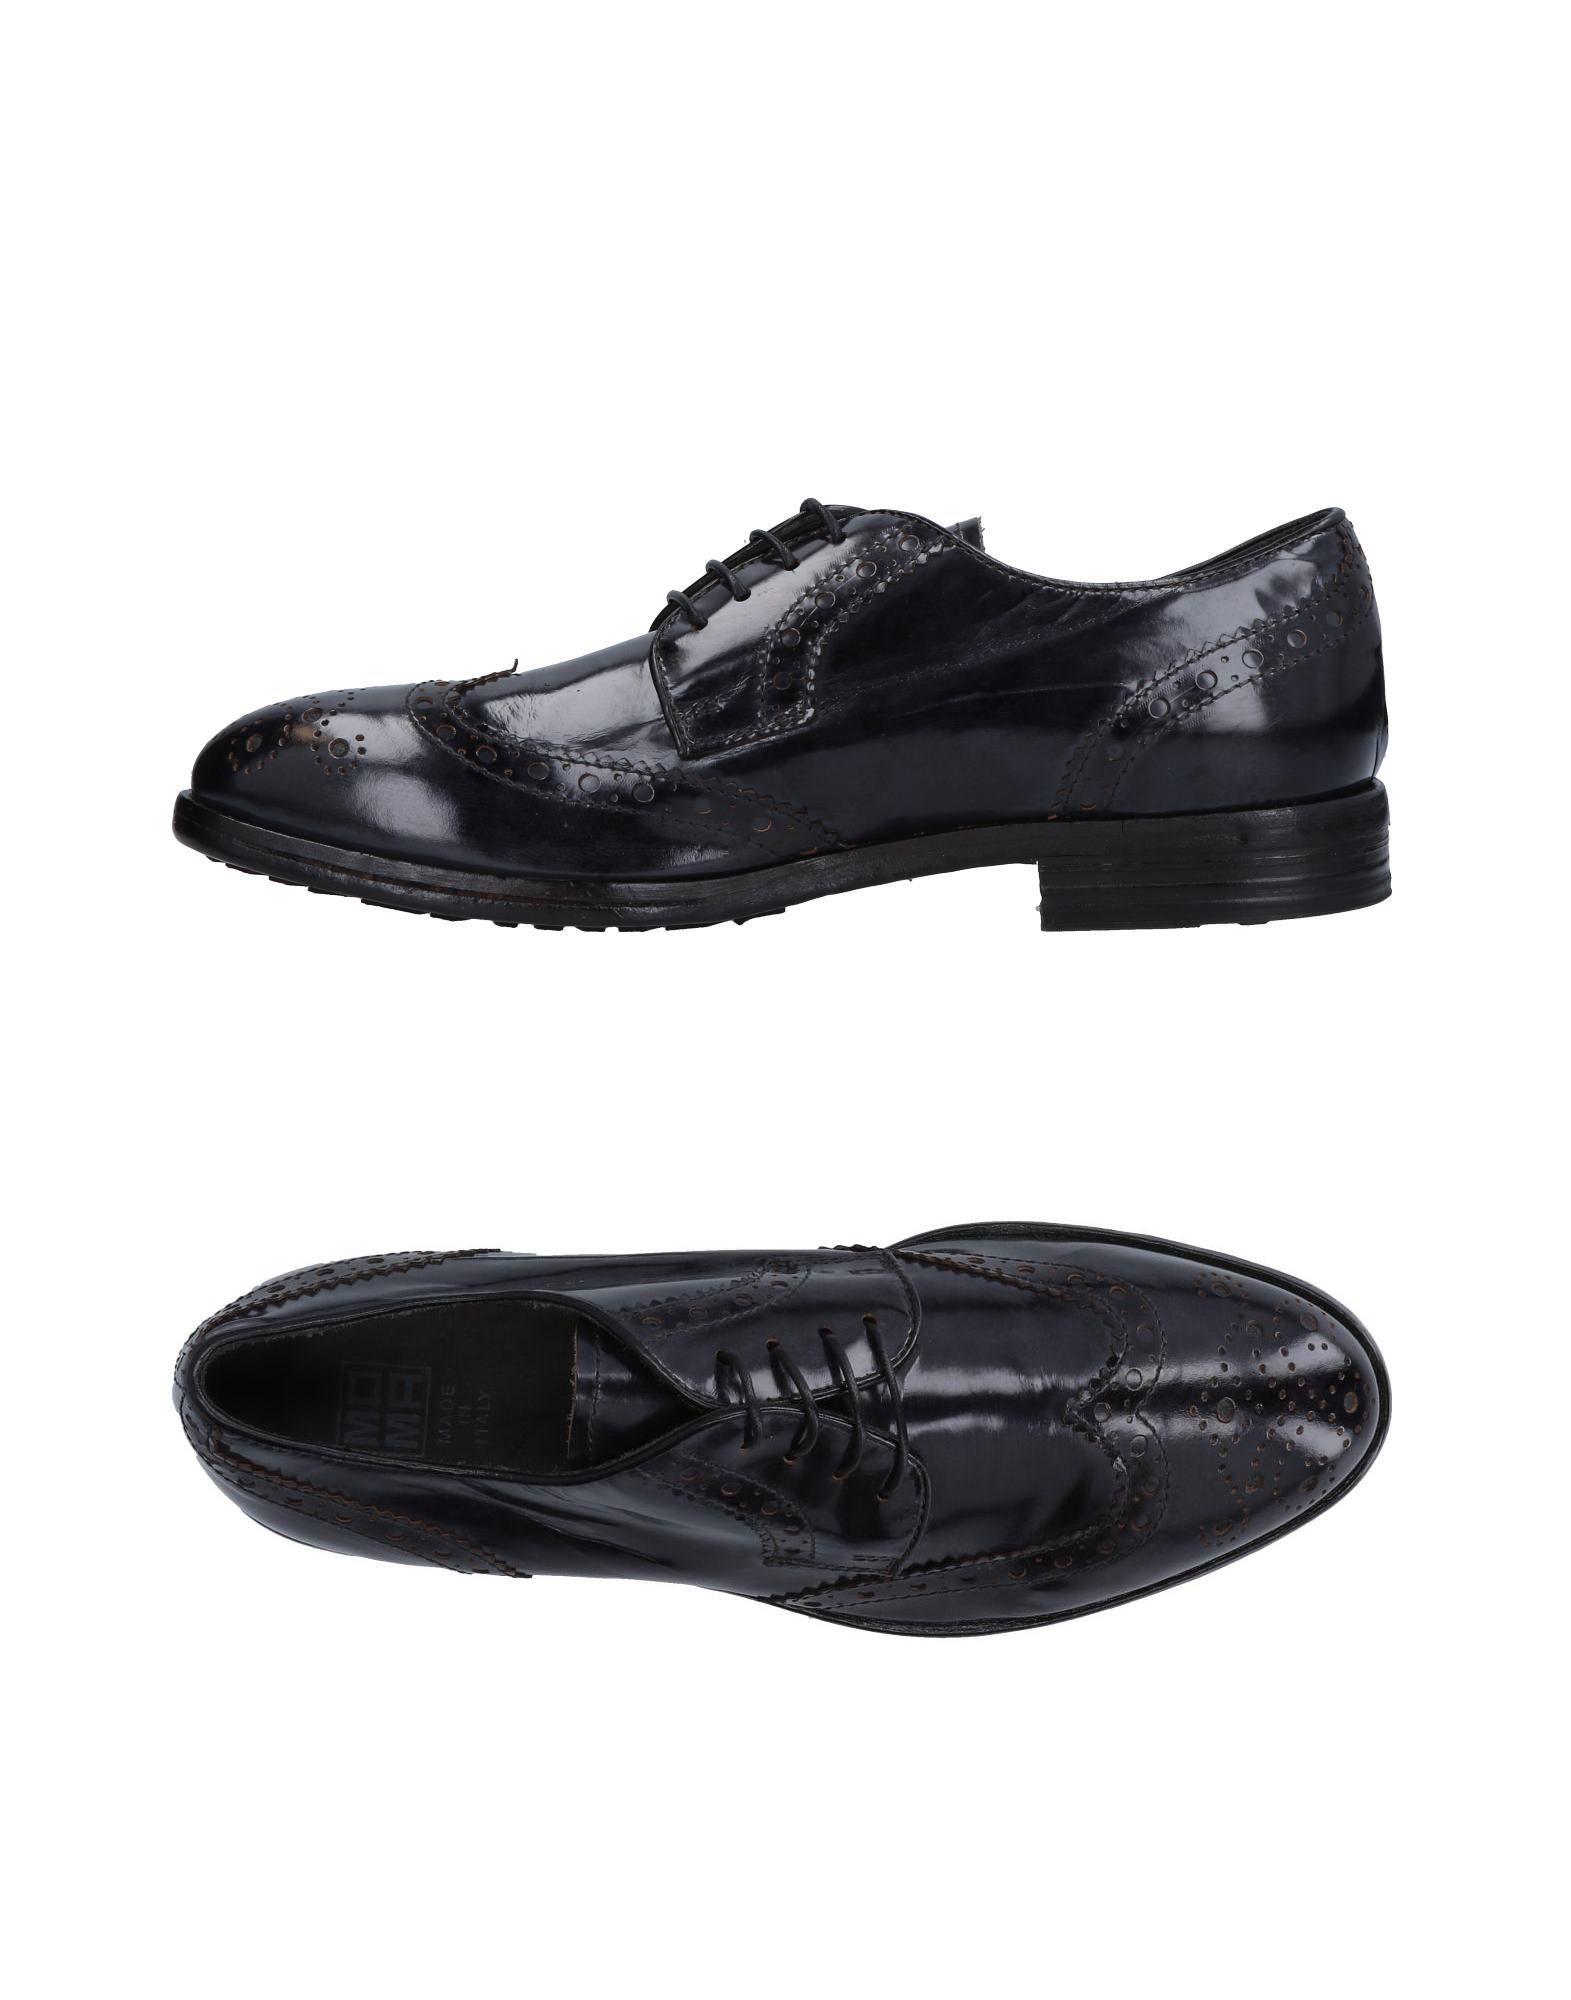 Casual salvaje  Zapato De - Cordones Moma Hombre - De Zapatos De Cordones Moma dde8d0